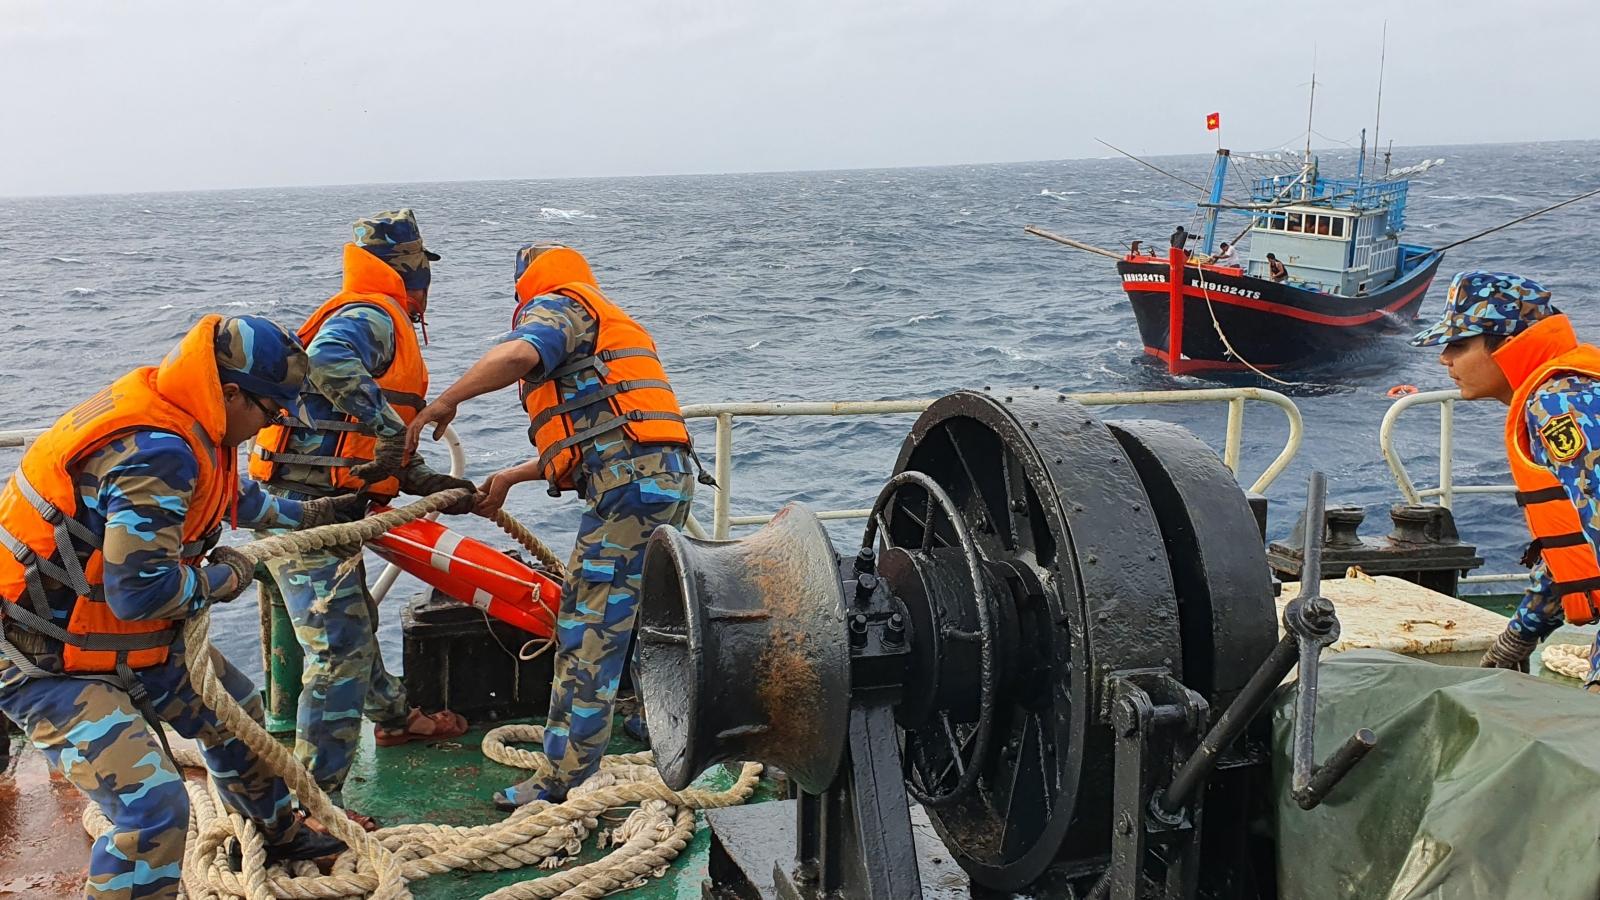 Tàu Trường Sa 18 hỗ trợ tàu cá ngư dân Khánh Hoà gặp sự cố trên biển